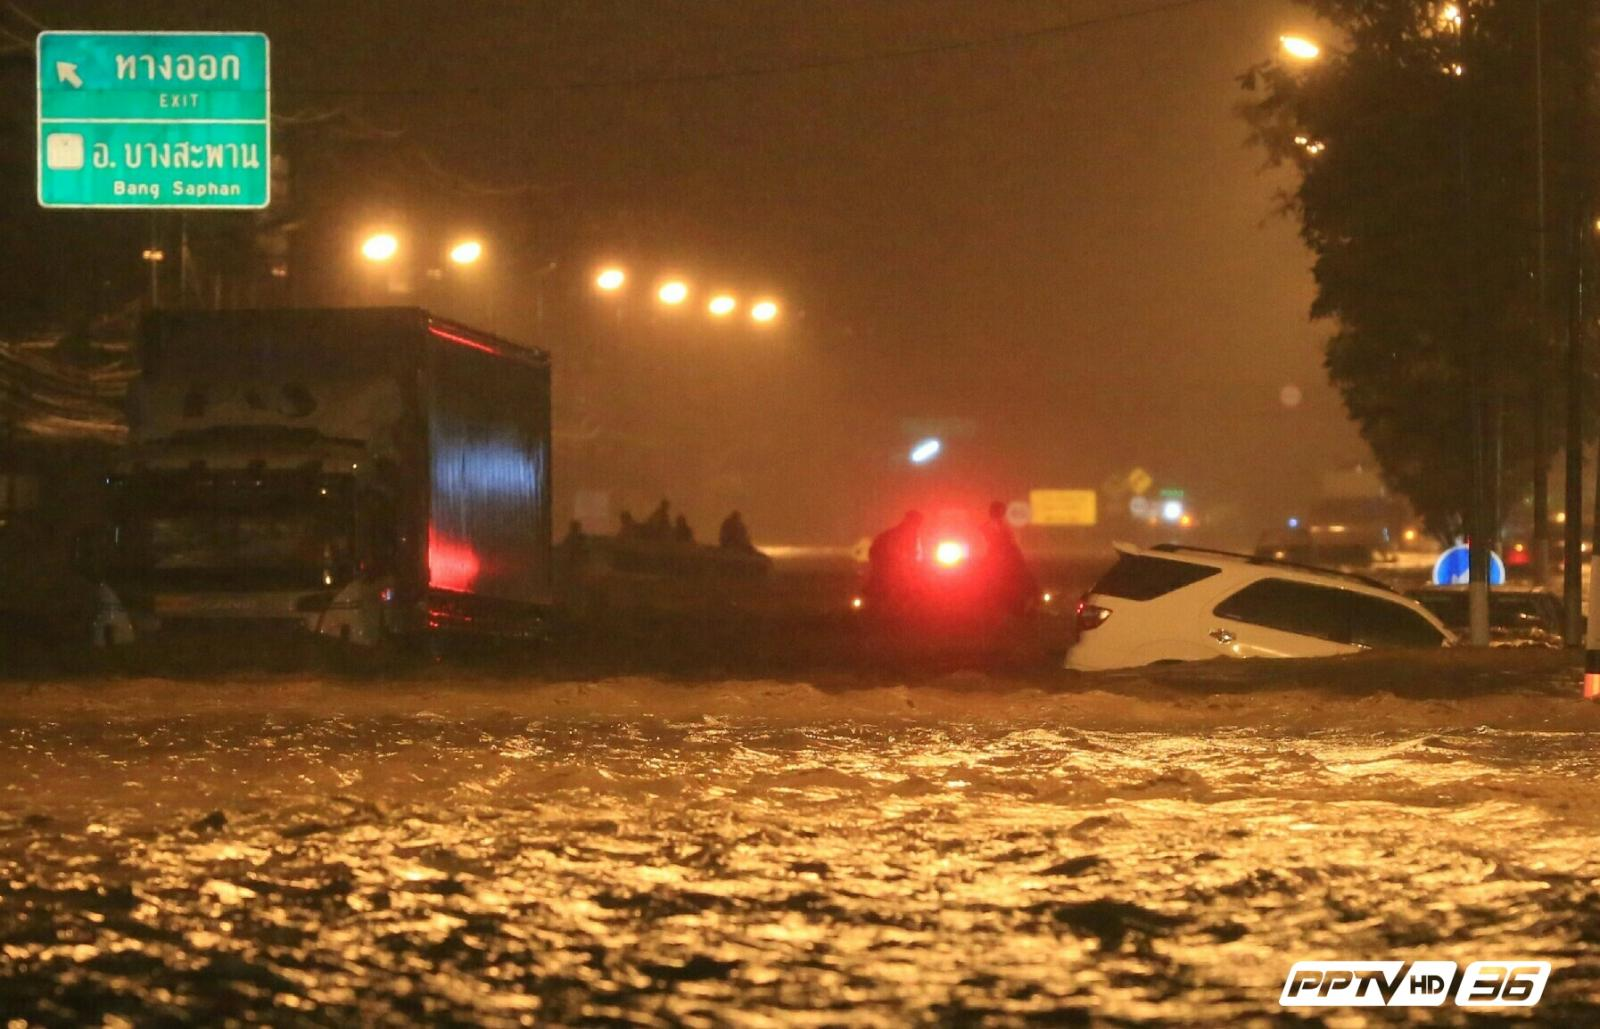 รถตู้ถูกน้ำพัดหาย หลังฝนตกน้ำท่วมหนัก อ.บางสะพาน (คลิป)